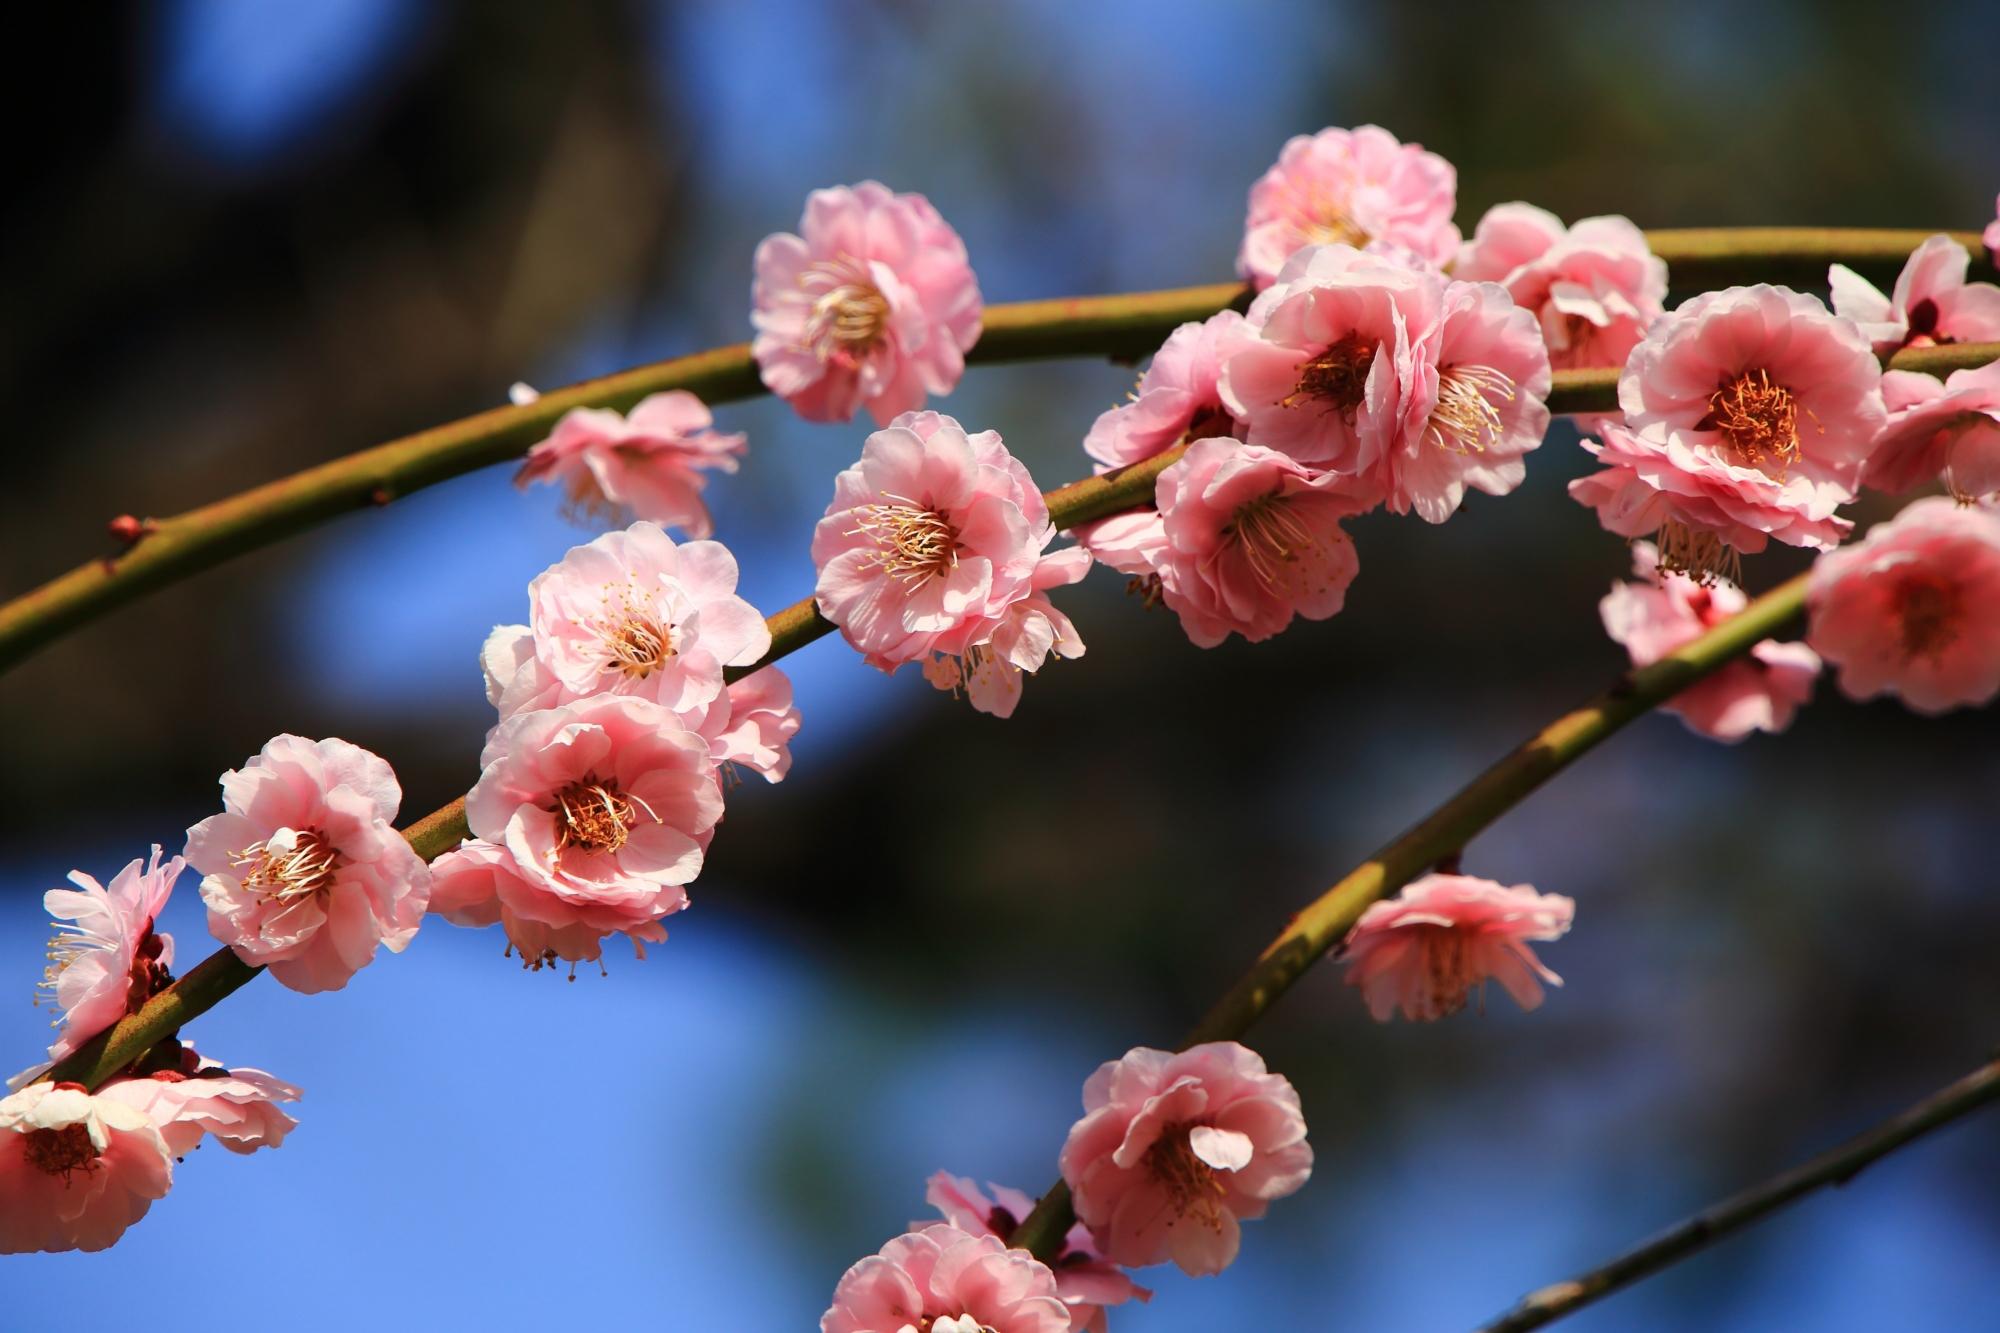 梅林を華やかなピンクに彩る梅